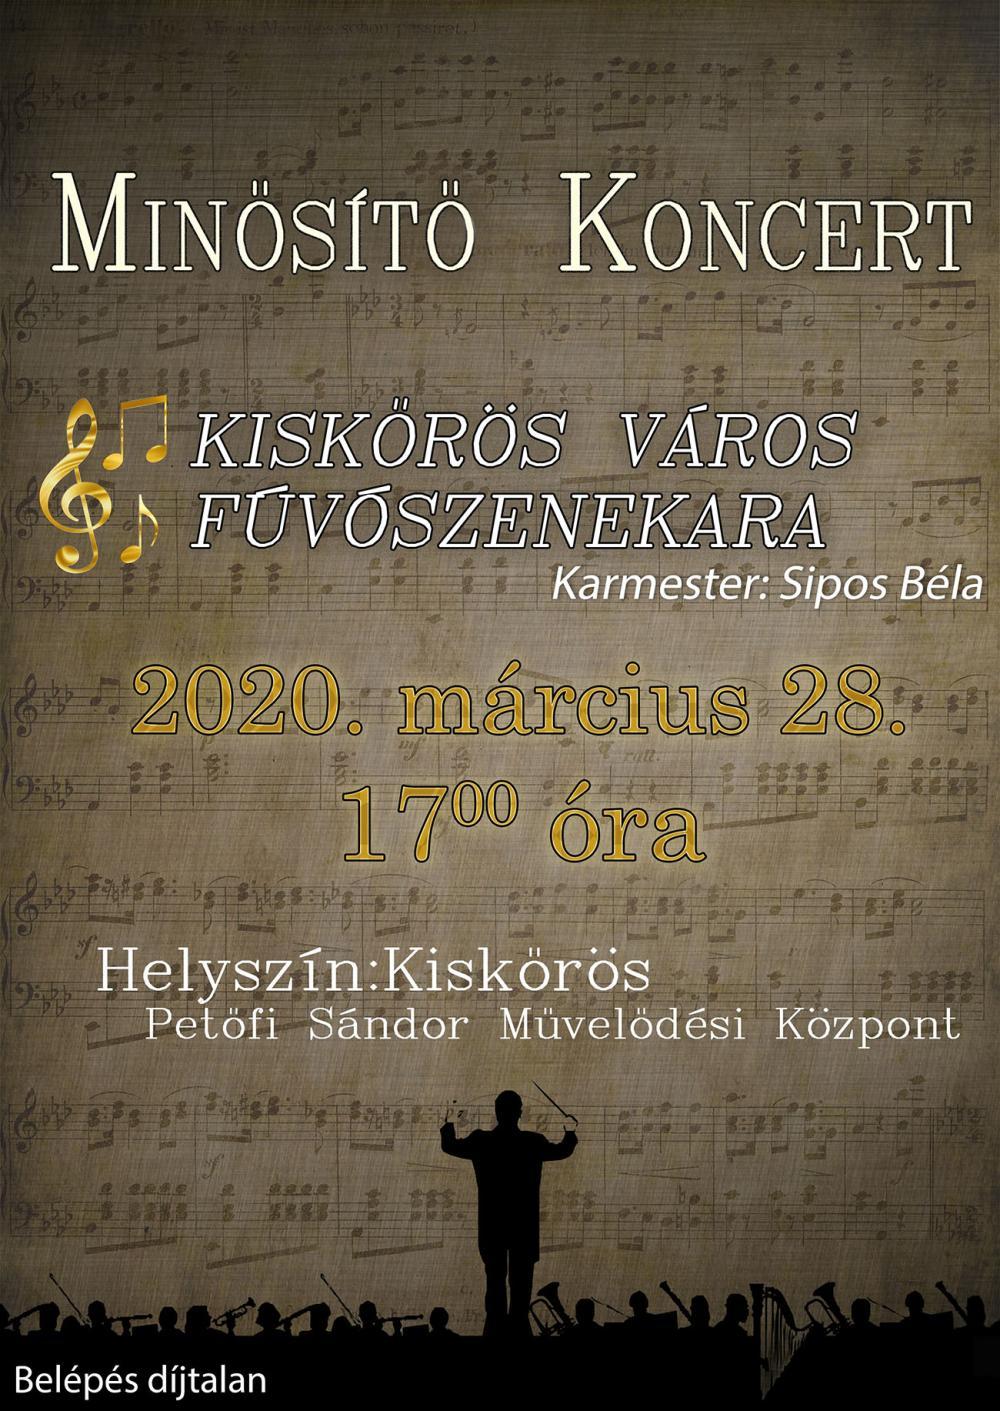 Kiskőrös Város Fúvószenekarának minősítő koncertje